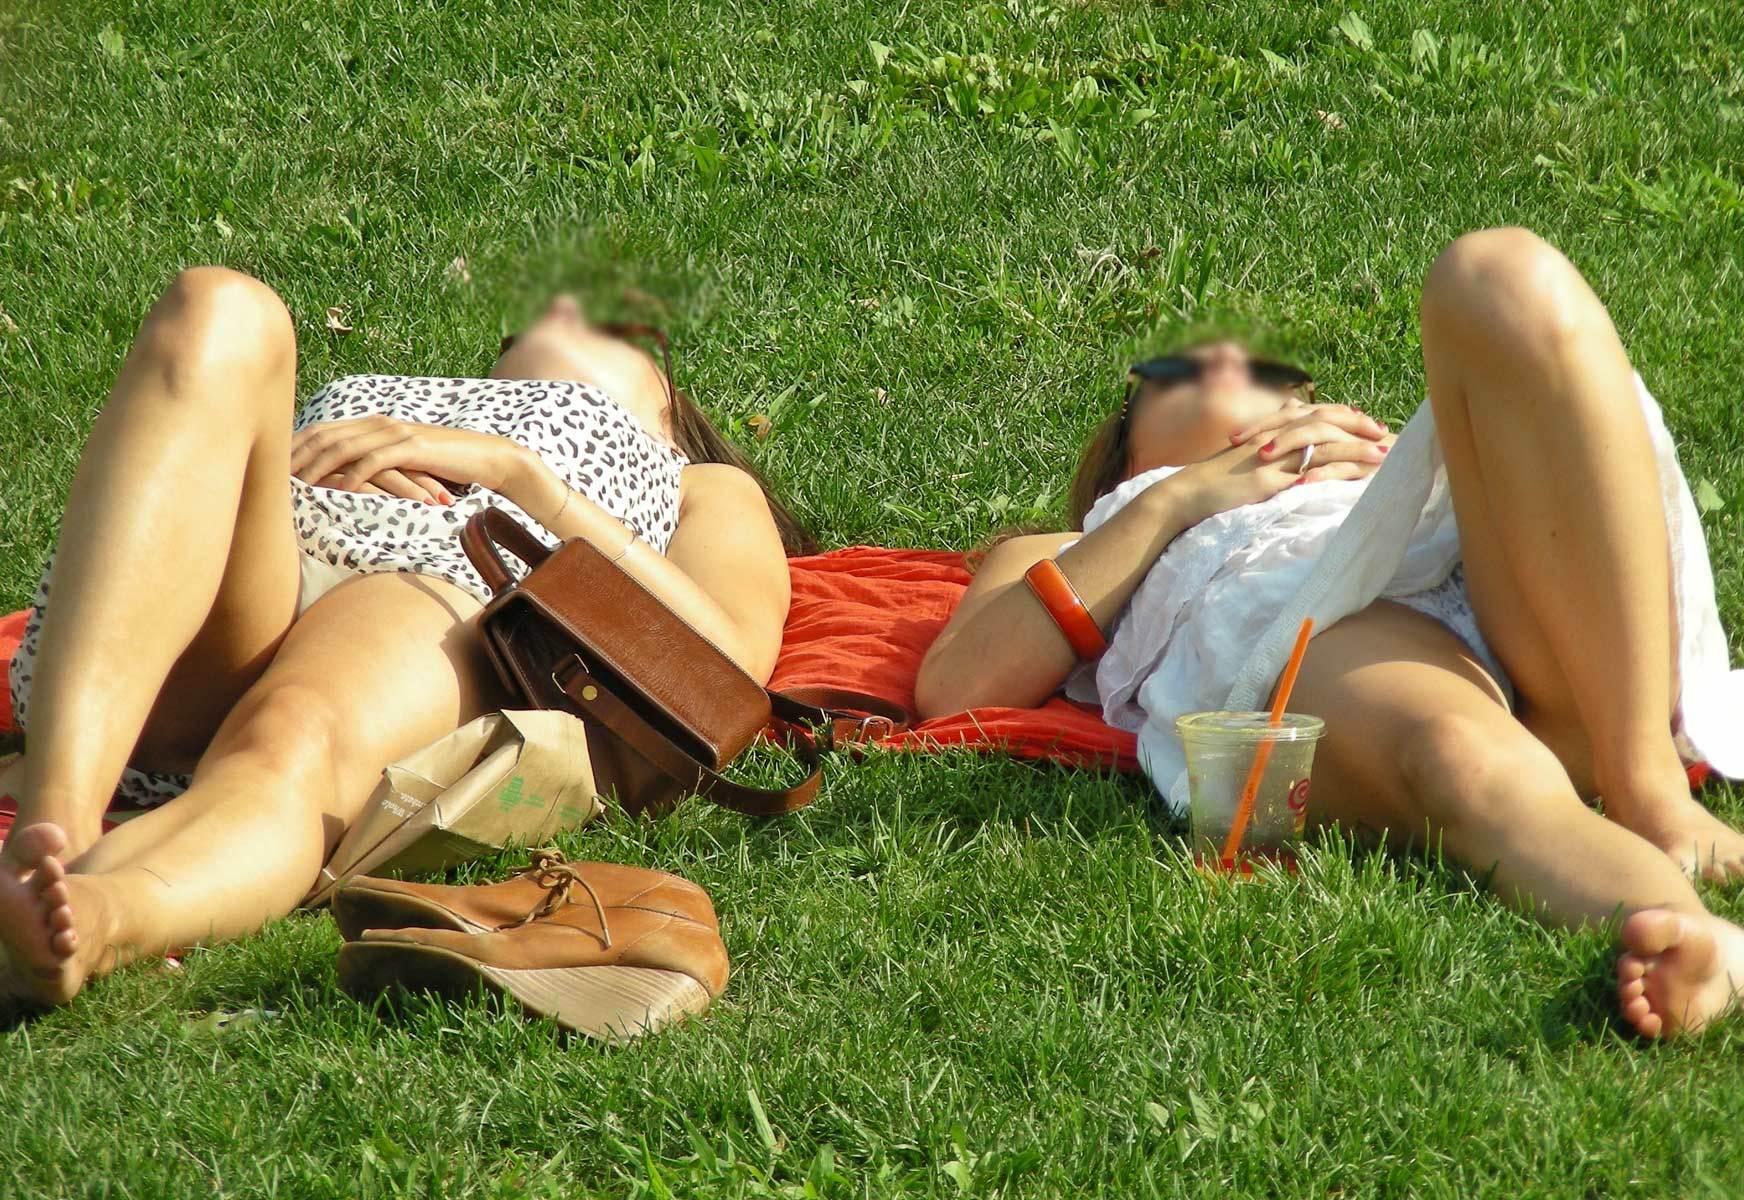 Petites culottes dans un parc - Exhib18com